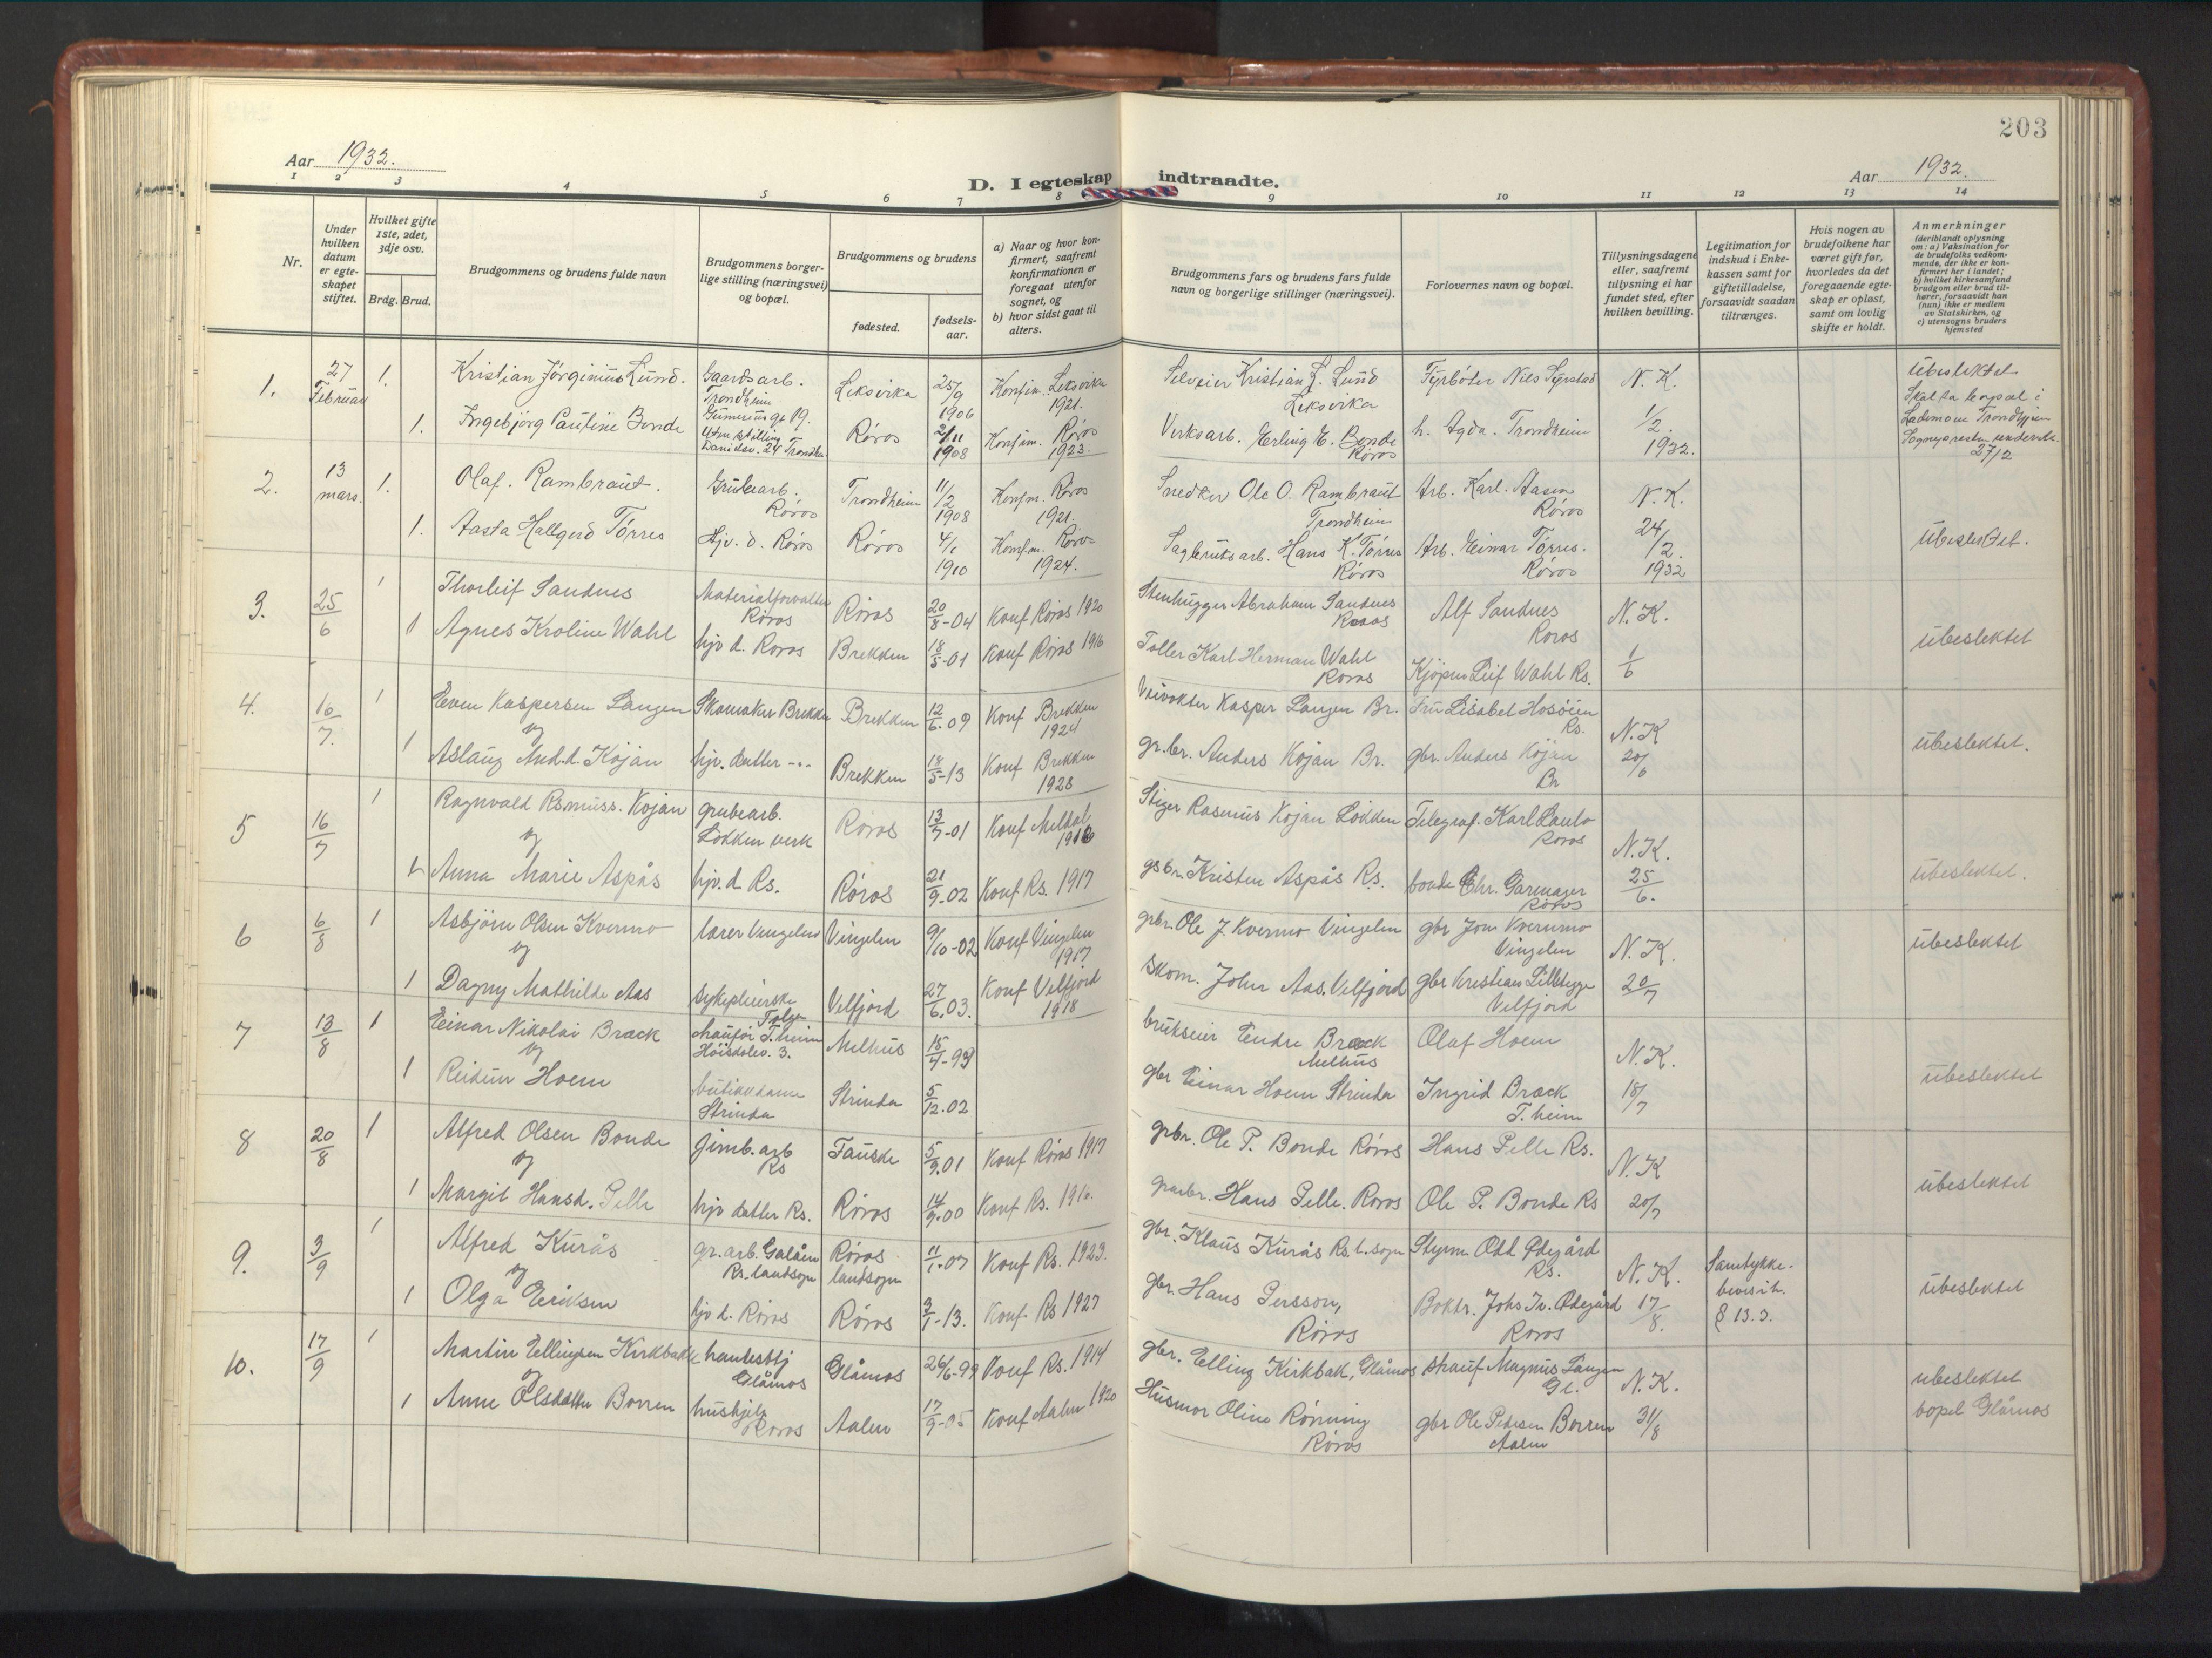 SAT, Ministerialprotokoller, klokkerbøker og fødselsregistre - Sør-Trøndelag, 681/L0943: Klokkerbok nr. 681C07, 1926-1954, s. 203